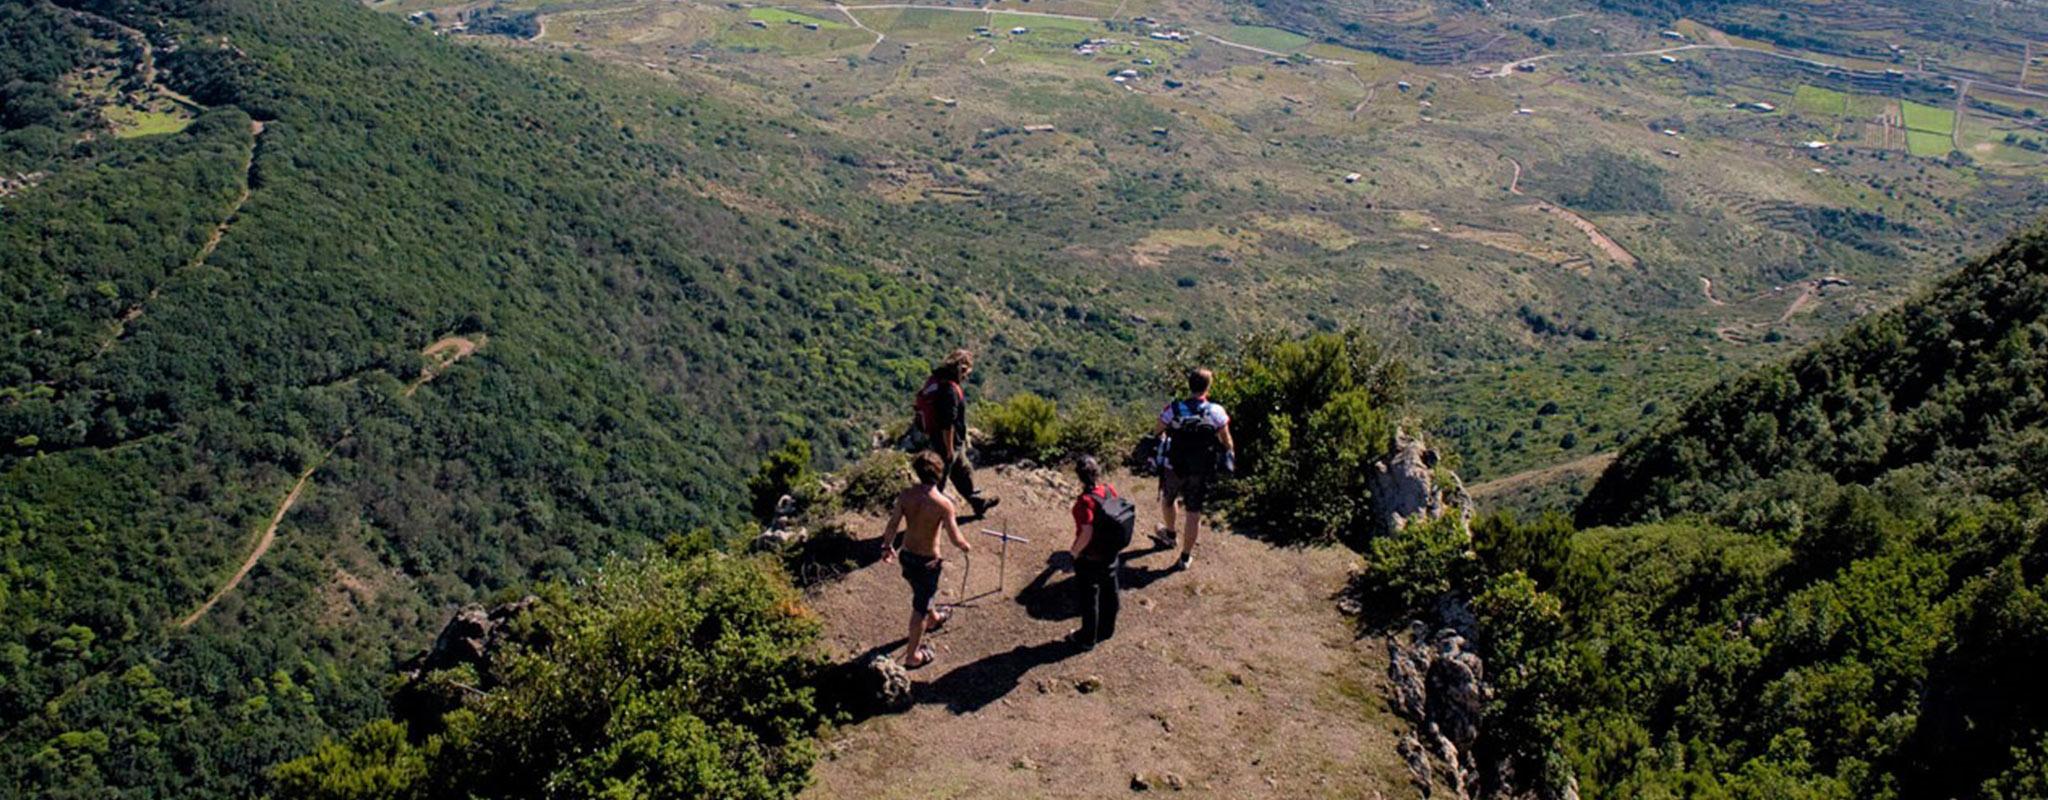 trekking pantelleria montagna